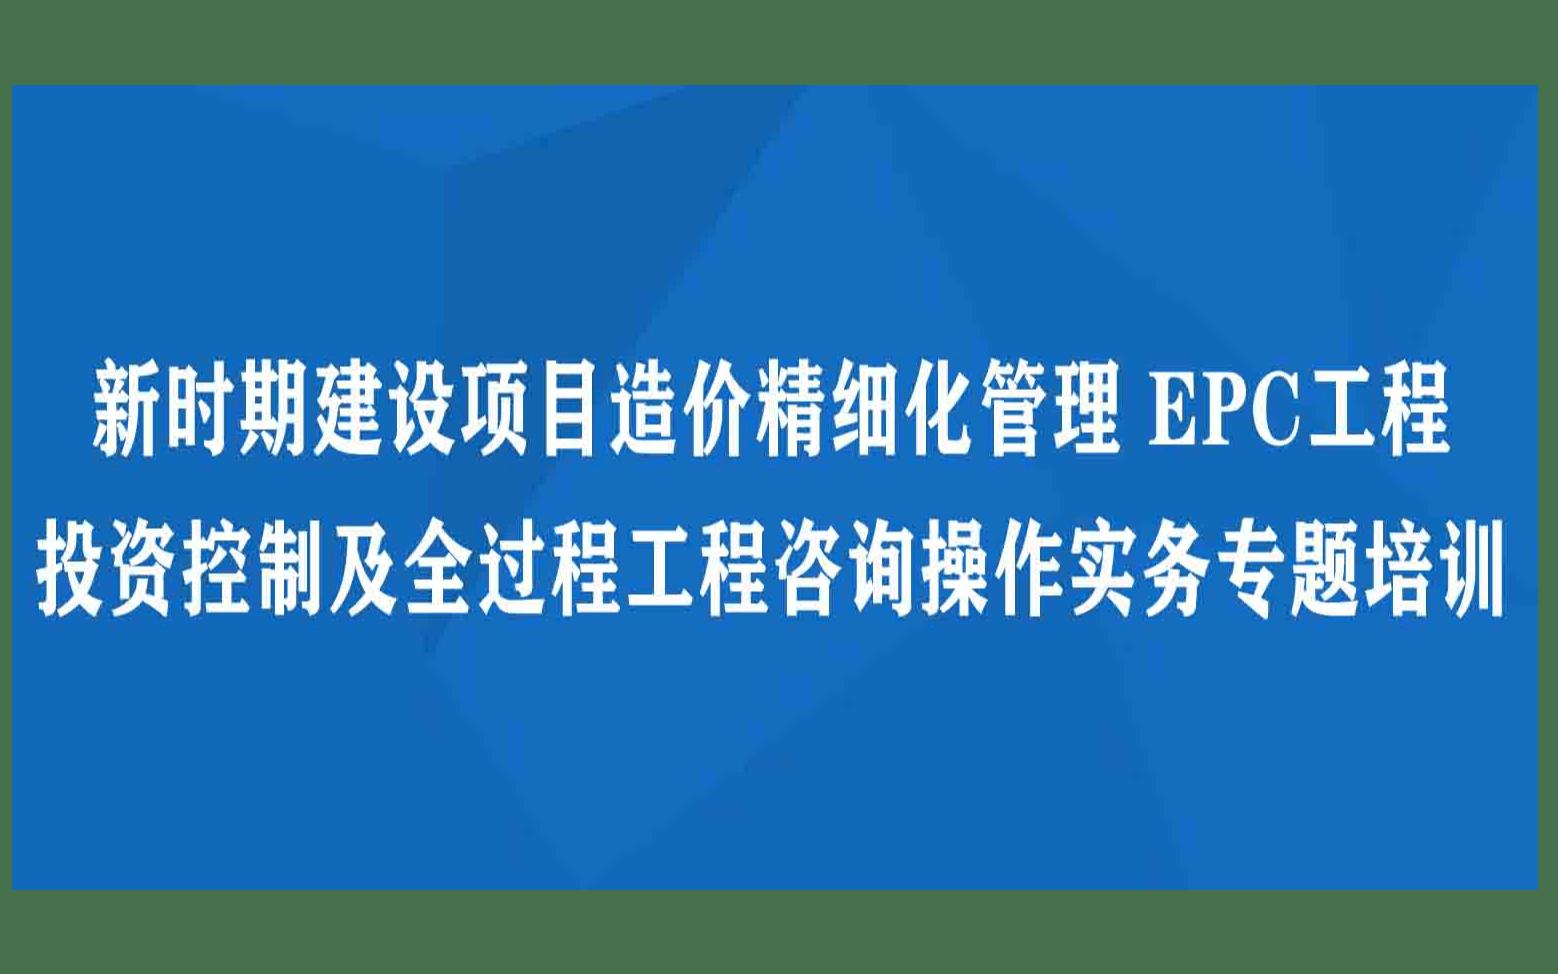 武汉9月新时期建设项目造价精细化管理 EPC工程 投资控制及全过程工程咨询操作实务专题培训